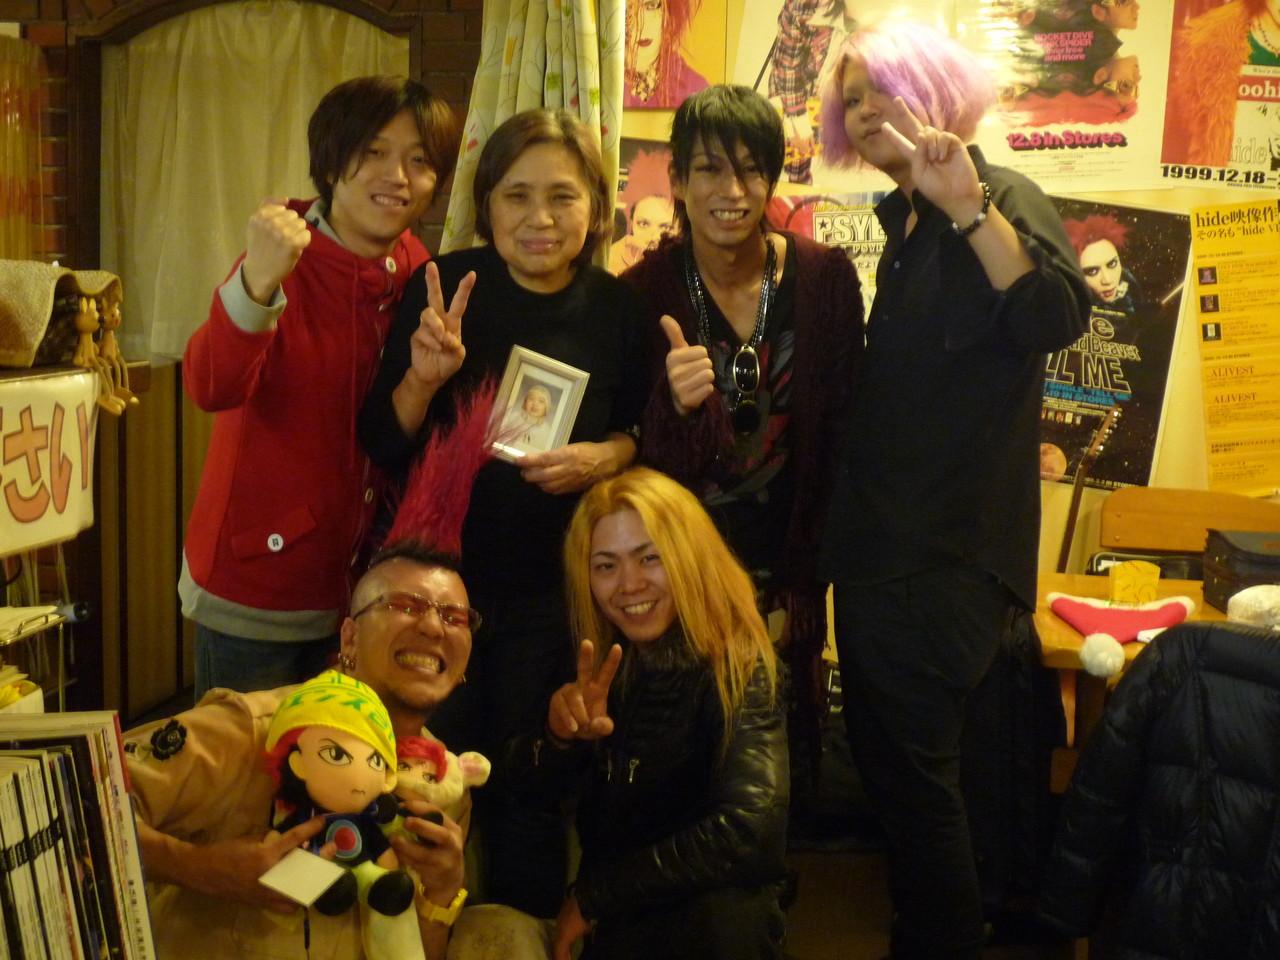 出演者全員でレモカフェのお母さんを囲んで記念撮影!今年1年本当にありがとうございました♪